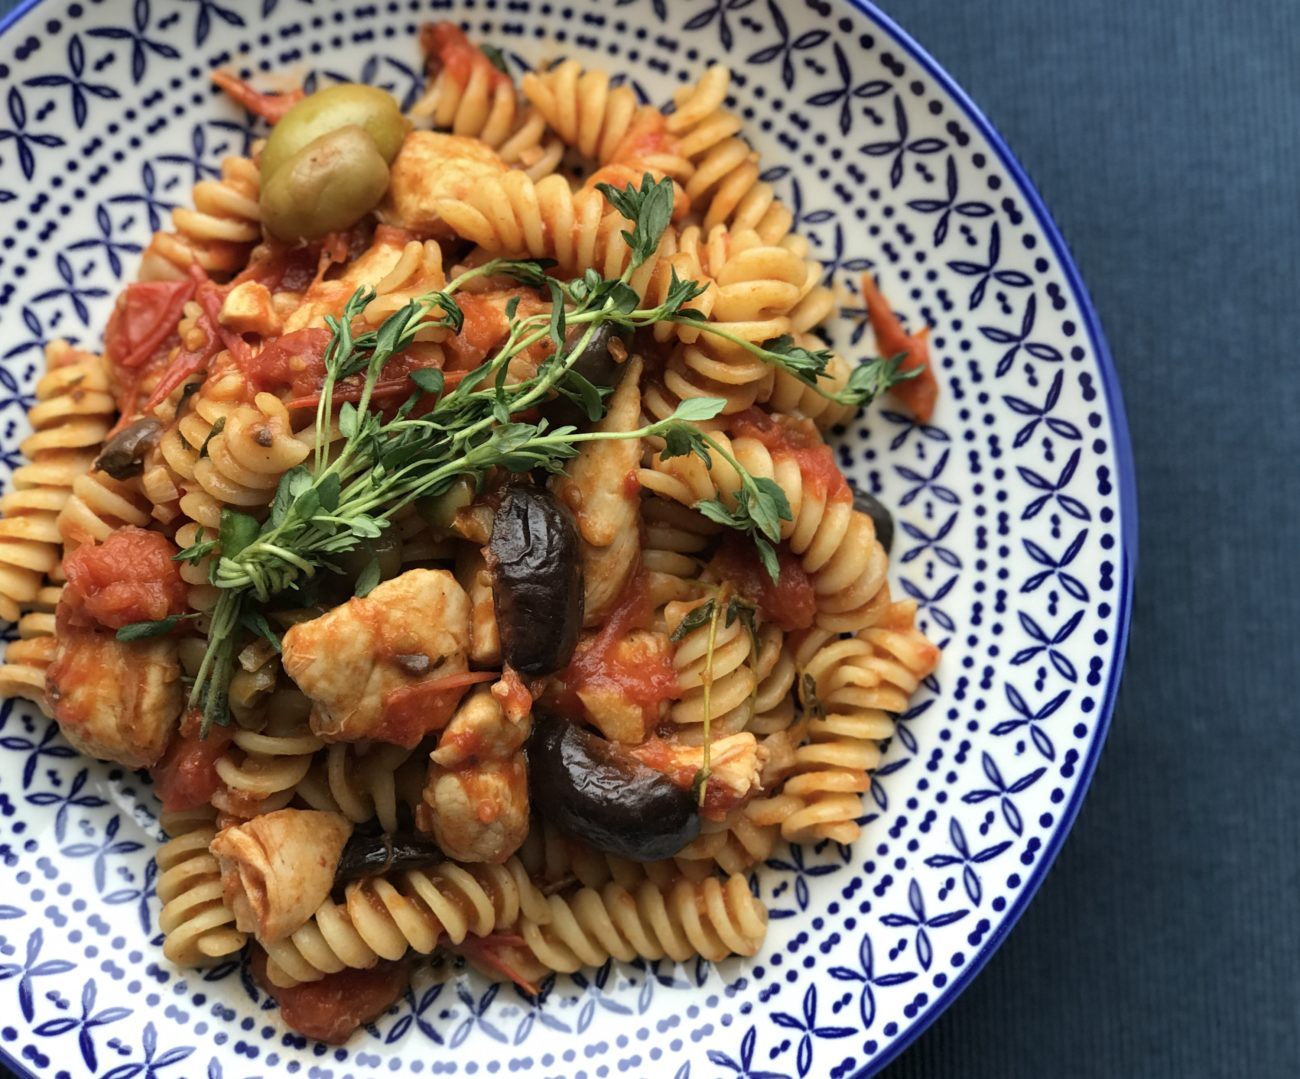 פסטה ברוטב עגבניות טריות, זיתים ונגיסי פילה עוף